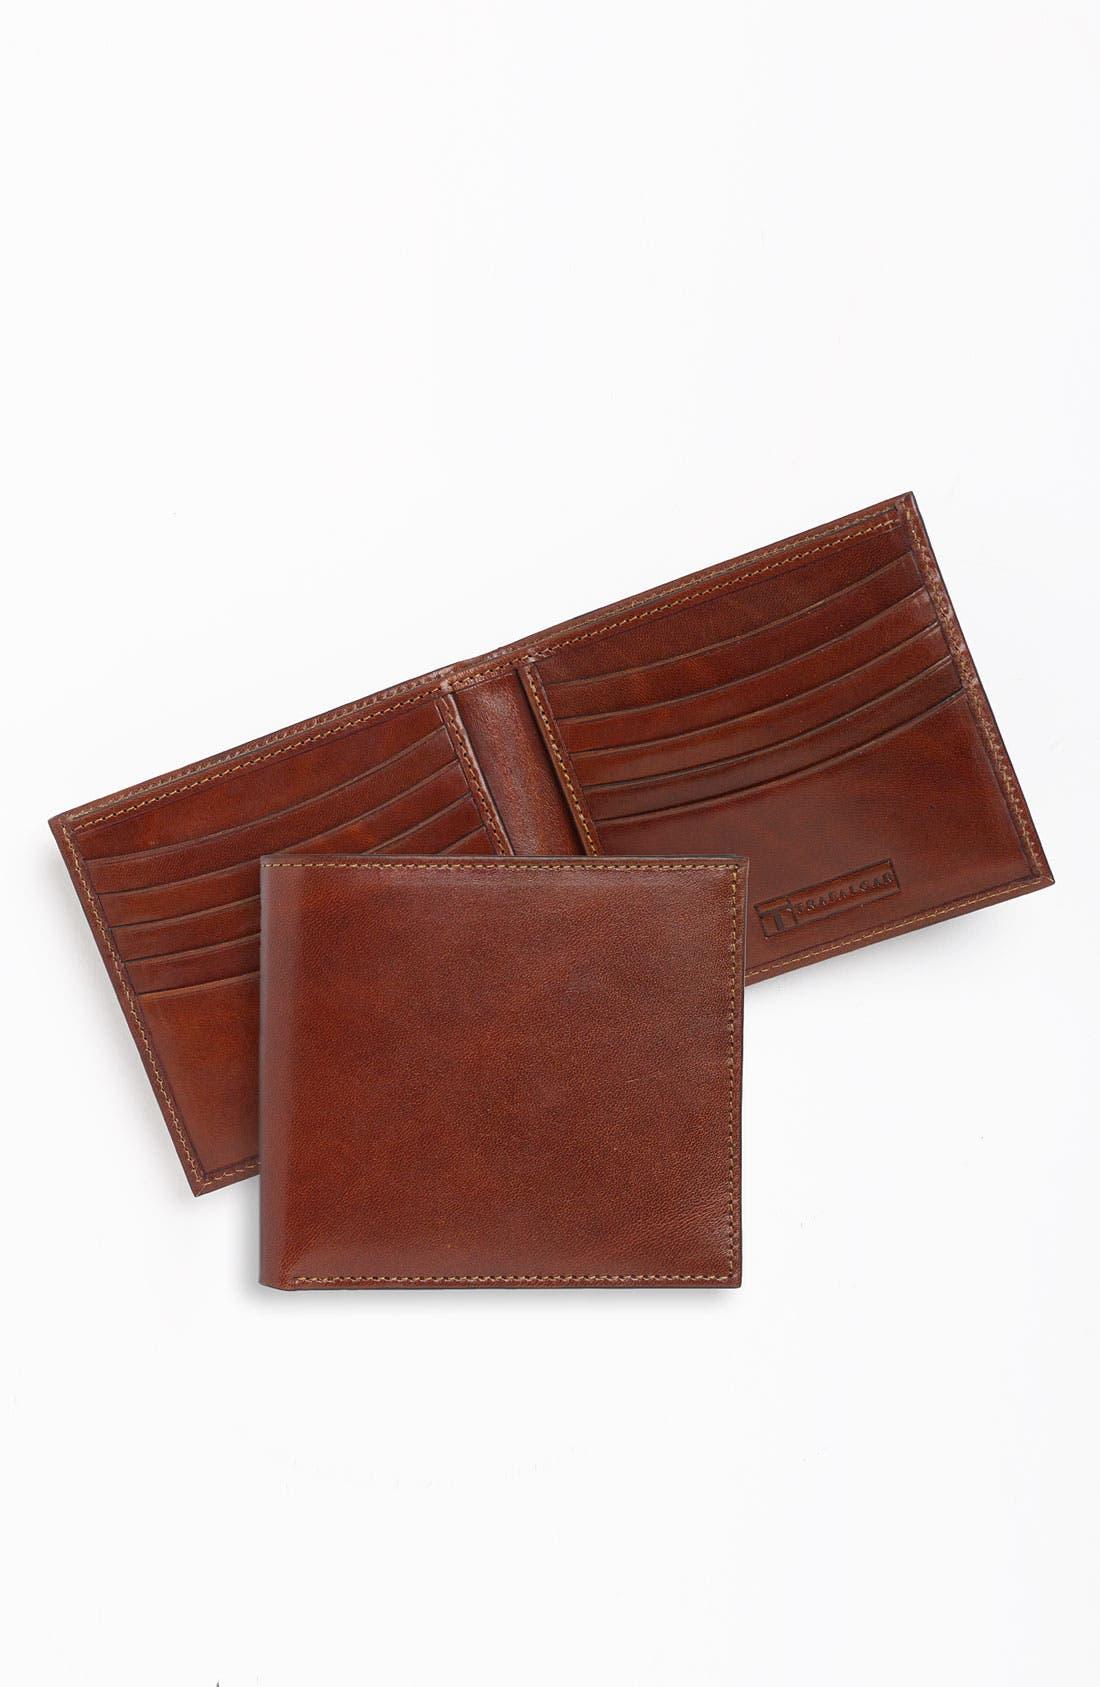 Alternate Image 1 Selected - Trafalgar 'Cortina' Bifold Wallet